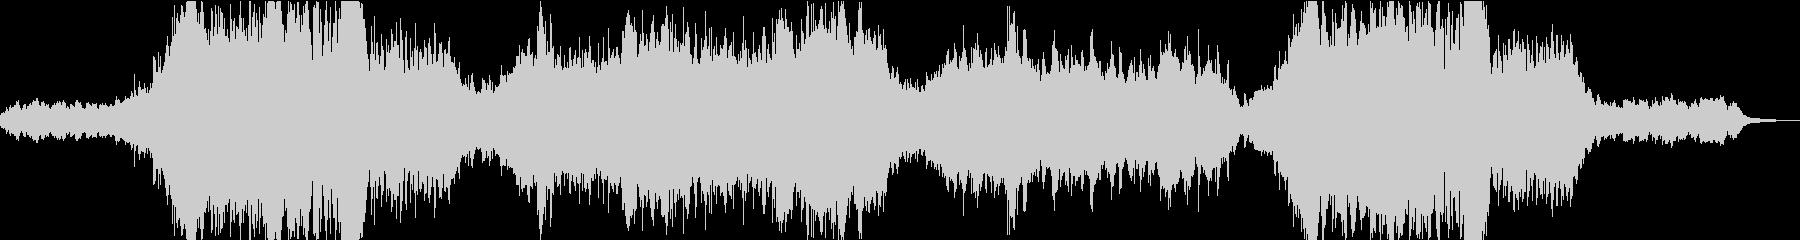 映像 明るくヒーロ感あるオーケストラの未再生の波形